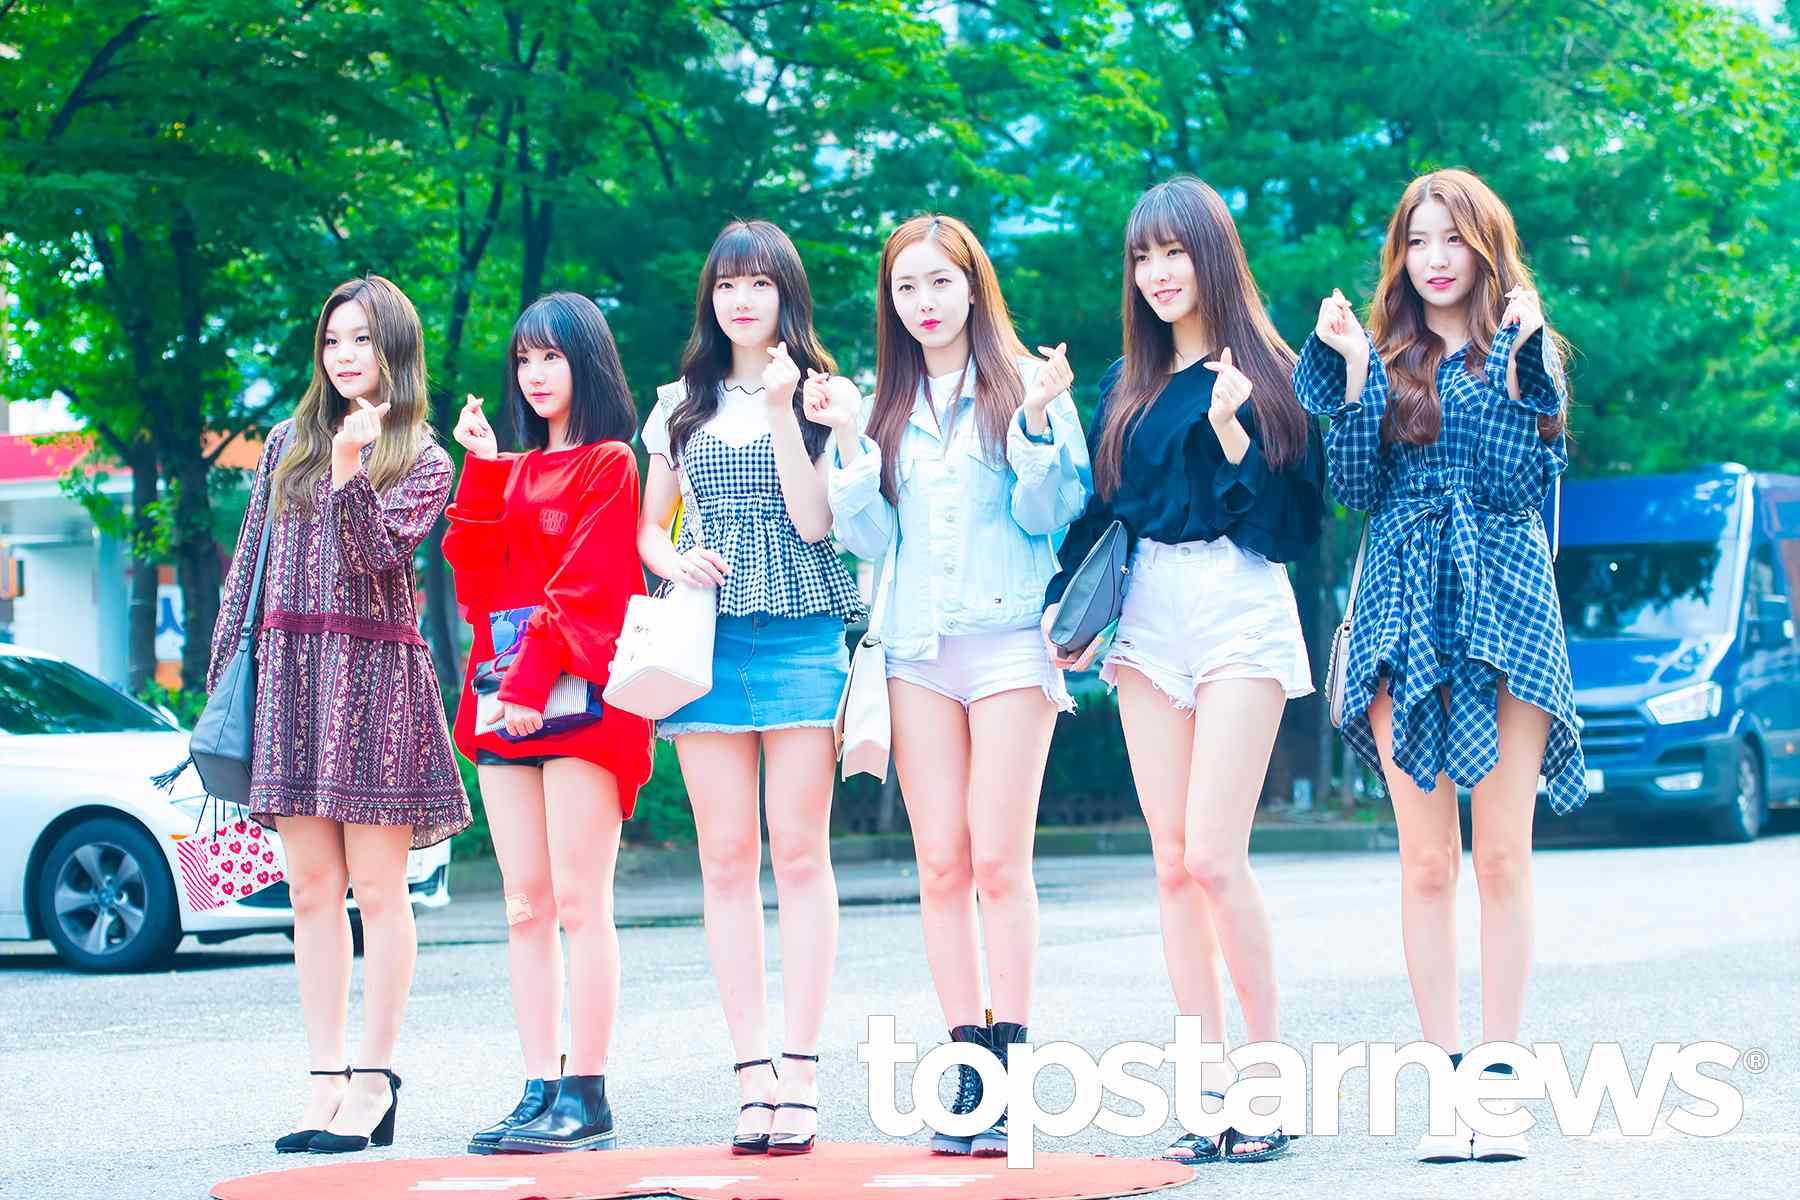 小編要實際帶給大家完整的韓國KBS音樂直播節目《音樂銀行Music Bank》追星路線!有機會到韓國的朋友們記得早睡早起去看看明星養養眼,開啟美好的一天吧!